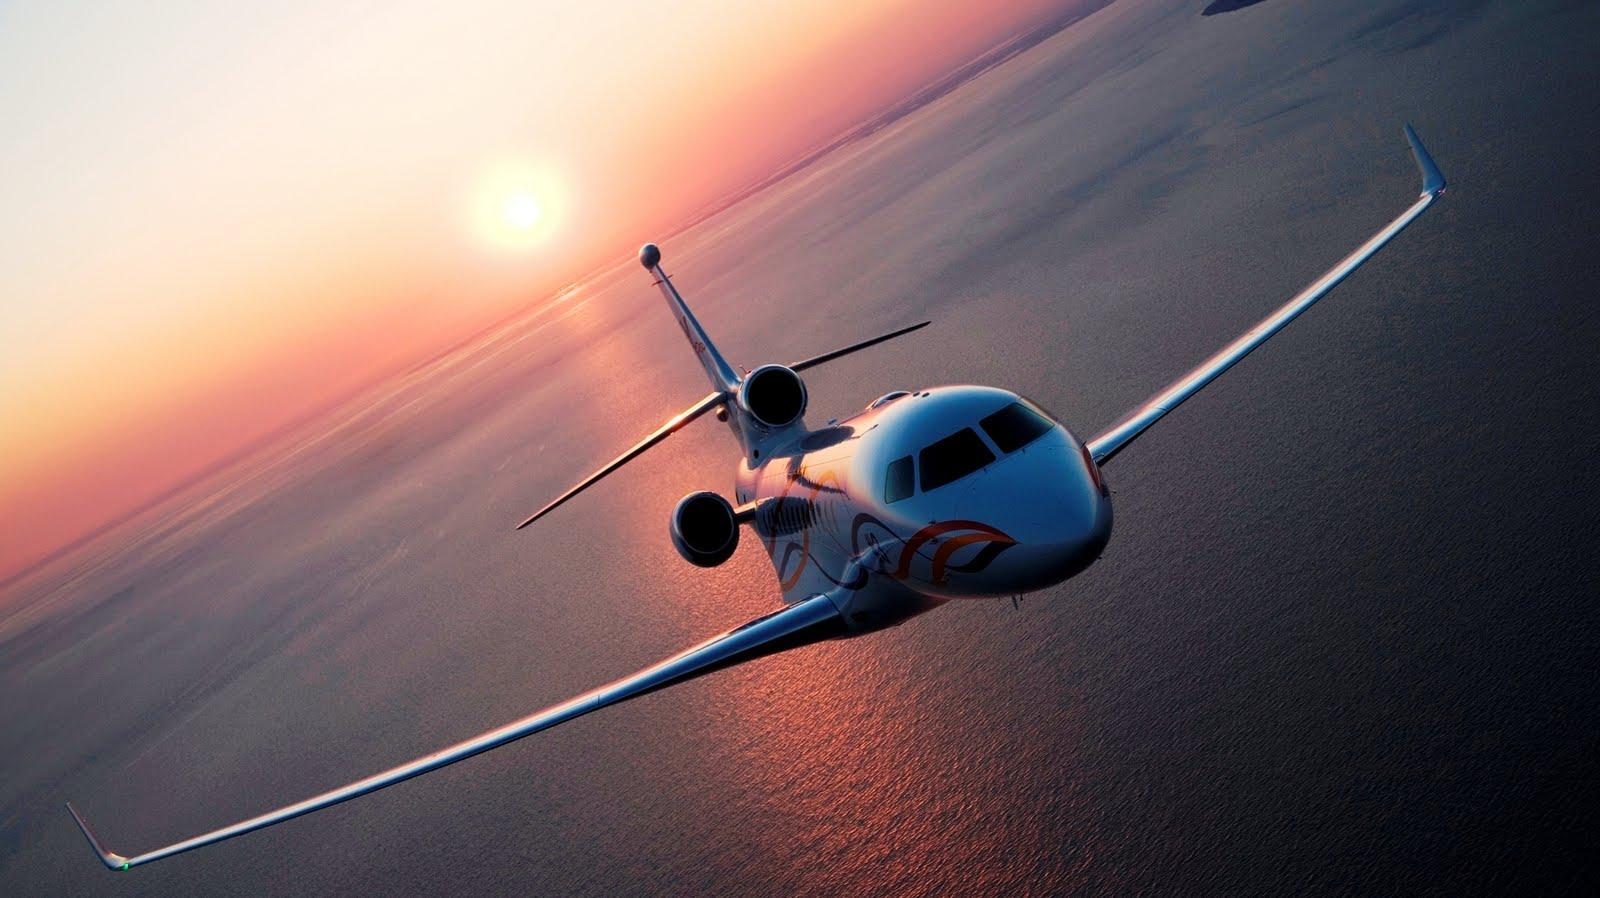 http://4.bp.blogspot.com/-D4M_dY7mGQI/TiobDyYjMNI/AAAAAAAAGAk/RU-rmJT0oAg/s1600/dassault_falcon_7x_sunset_481264_aircraft-wallpaper.jpg